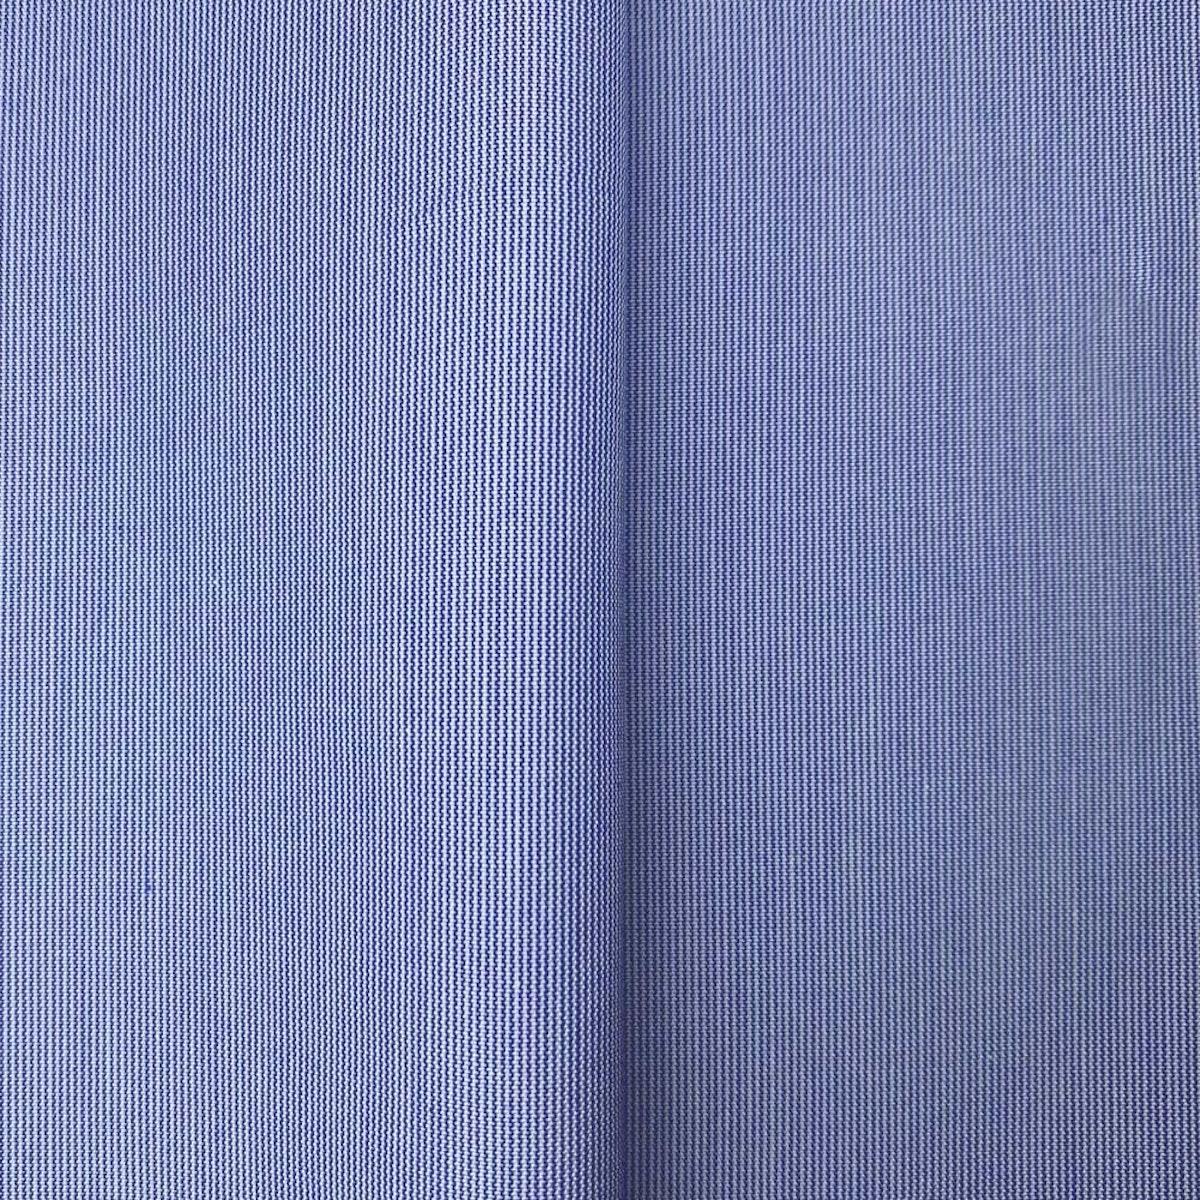 InStitchu Shirt Fabric 46